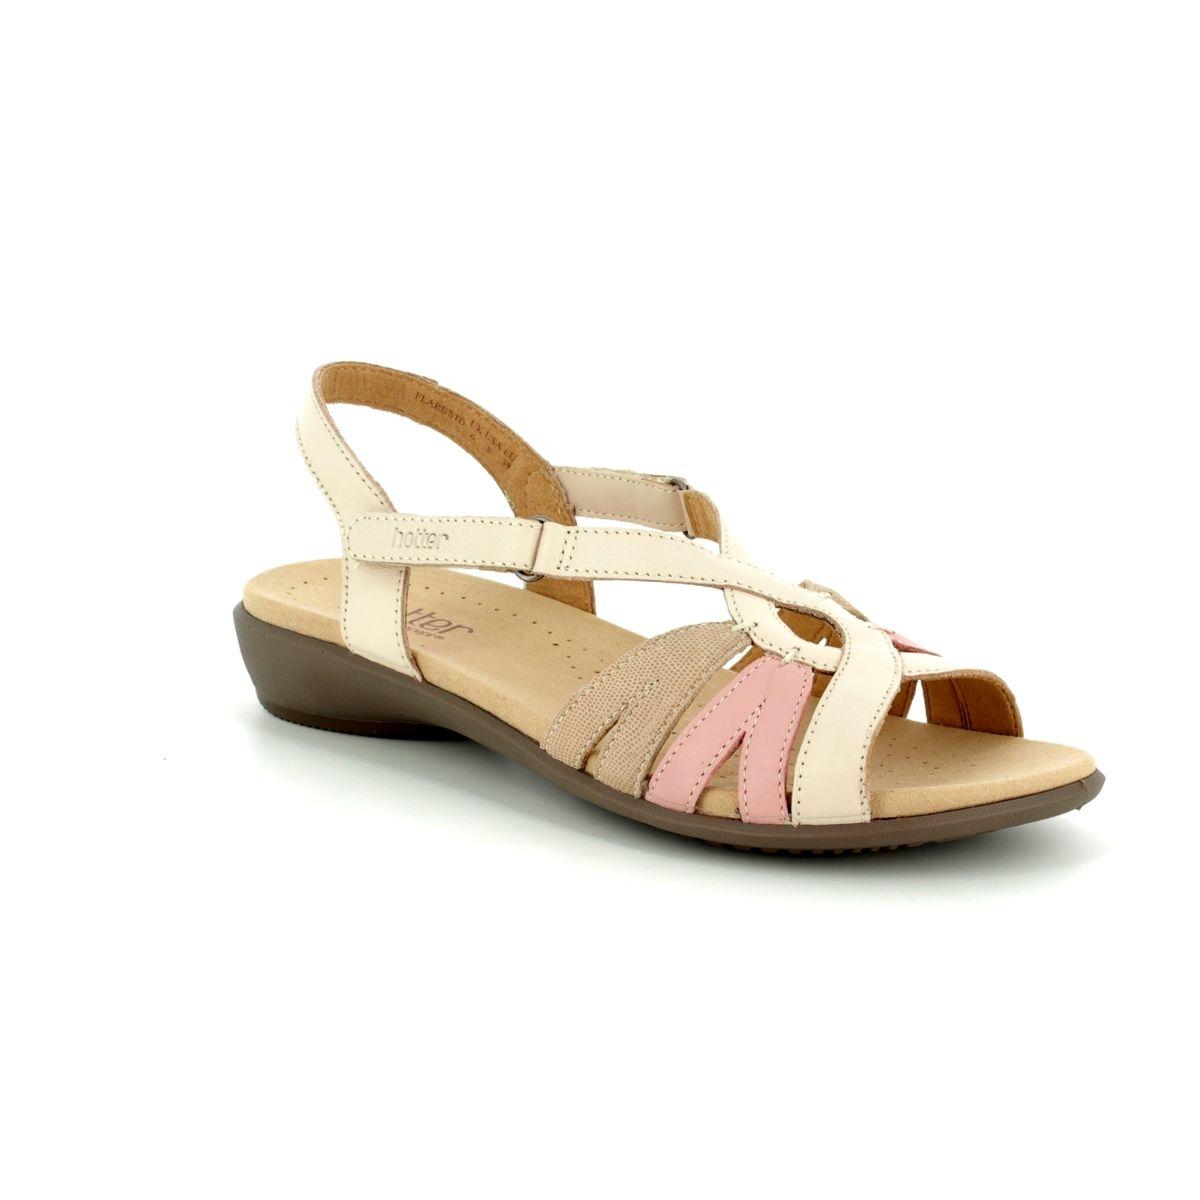 4b4c9b09b92 Hotter Sandals - Beige multi - 8107 50 FLARE E FIT